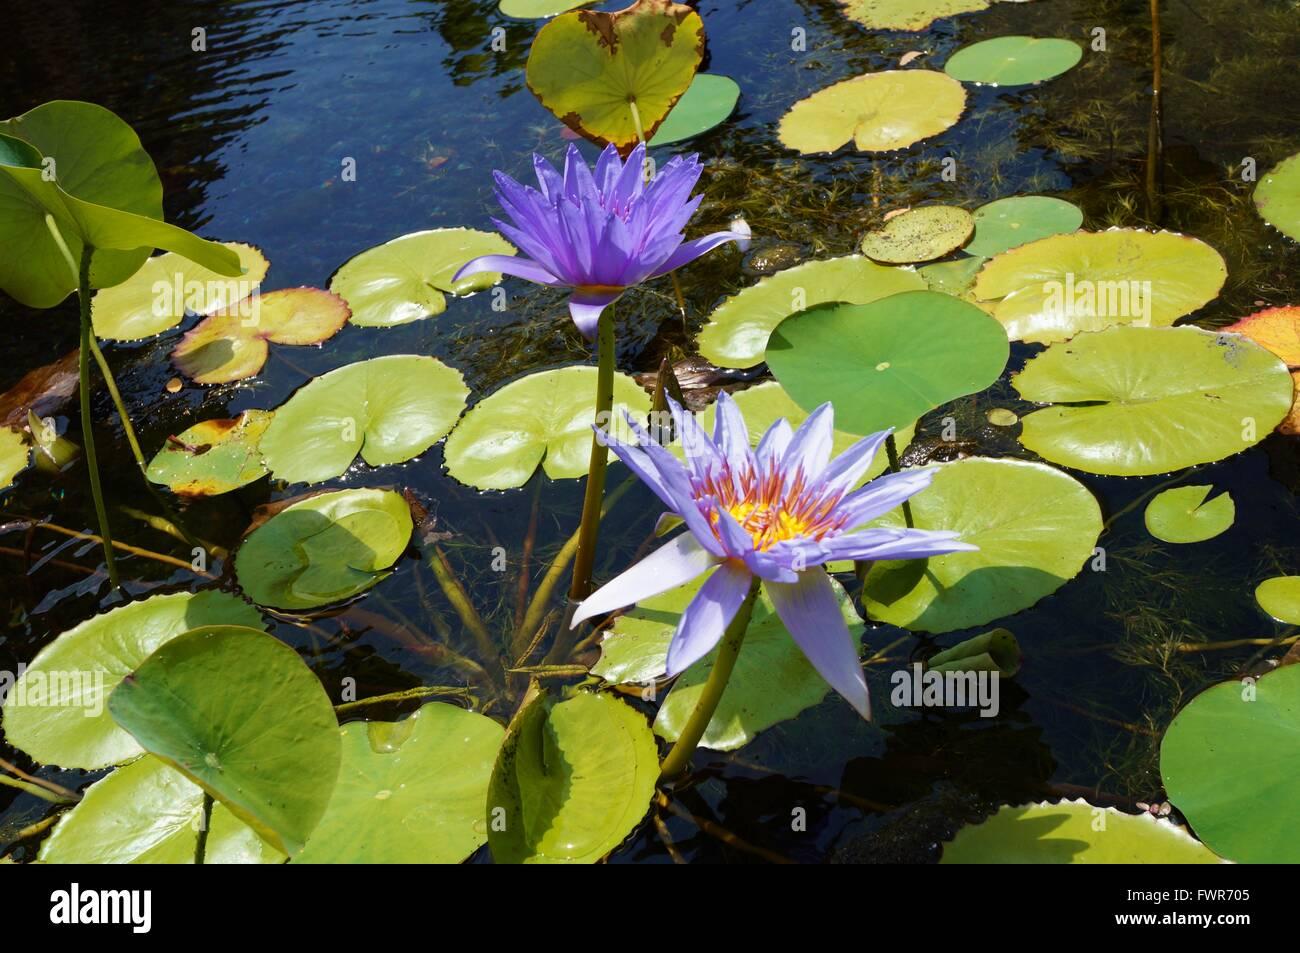 Purple aquatic waterlily lotus flowers in a pond in hawaii stock purple aquatic waterlily lotus flowers in a pond in hawaii izmirmasajfo